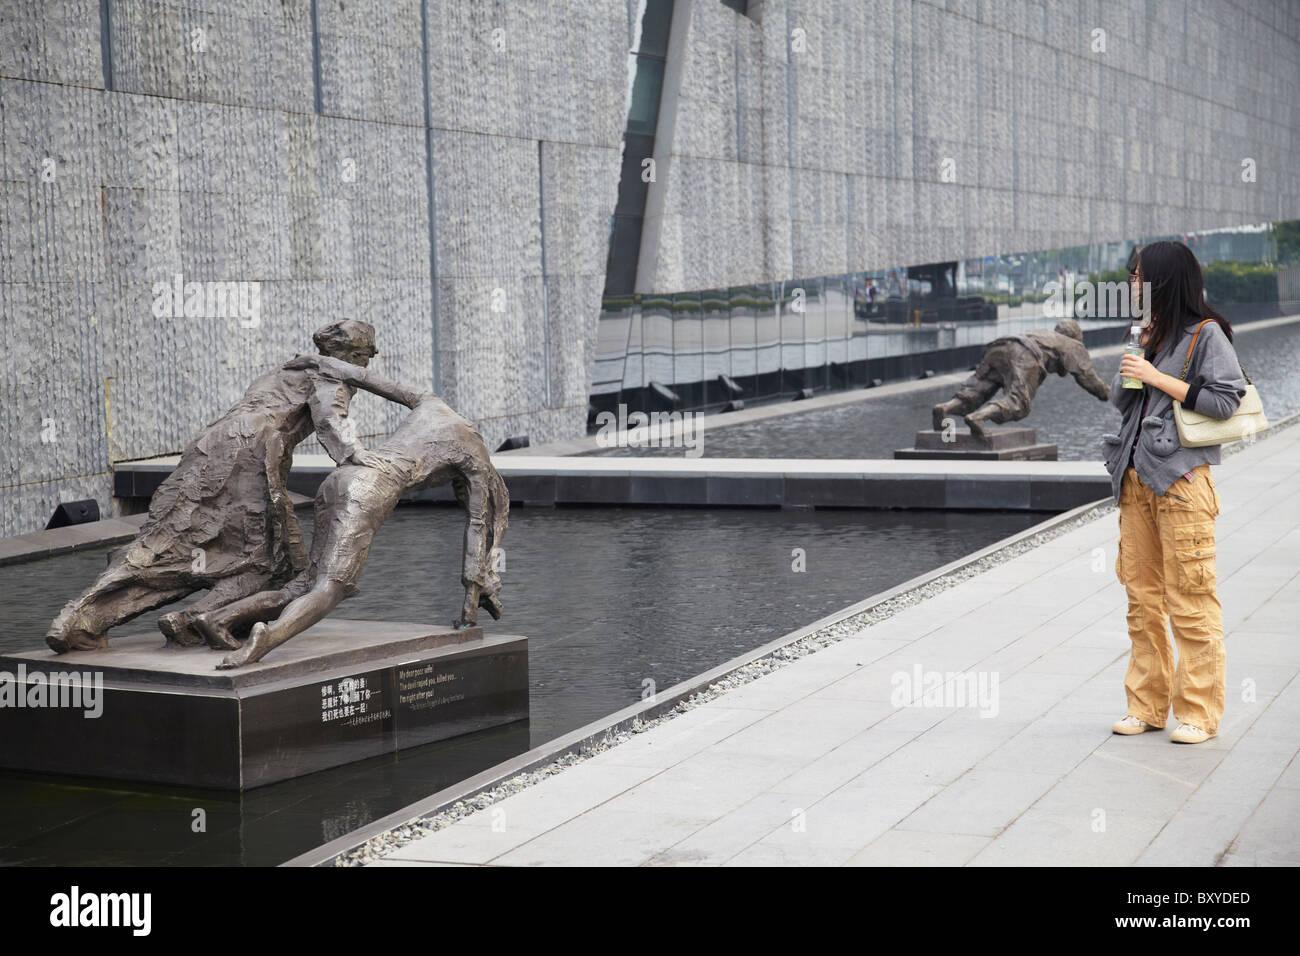 Woman looking at statues at Memorial to the Nanjing Massacre, Nanjing, Jiangsu, China - Stock Image